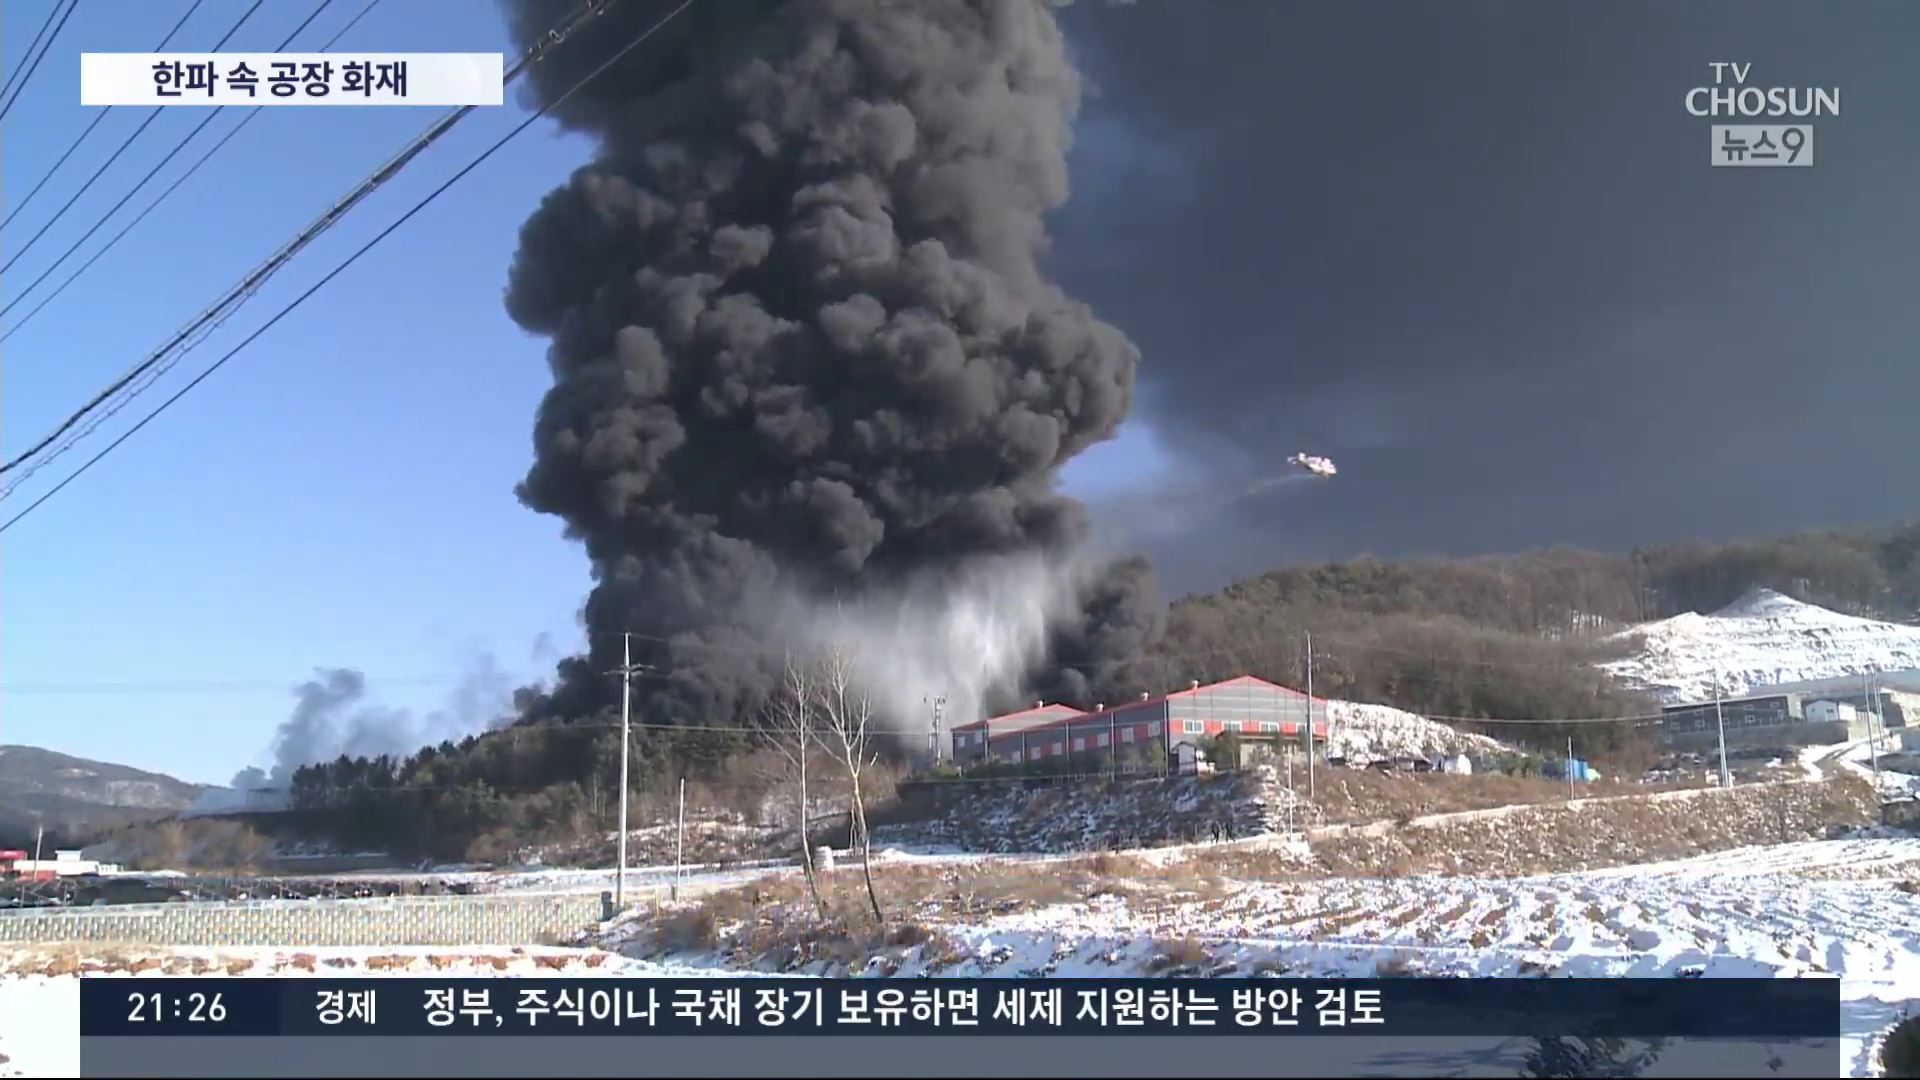 증평 공장 큰불, 연기 20㎞ 퍼져…인천선 중고차 100대 '잿더미'